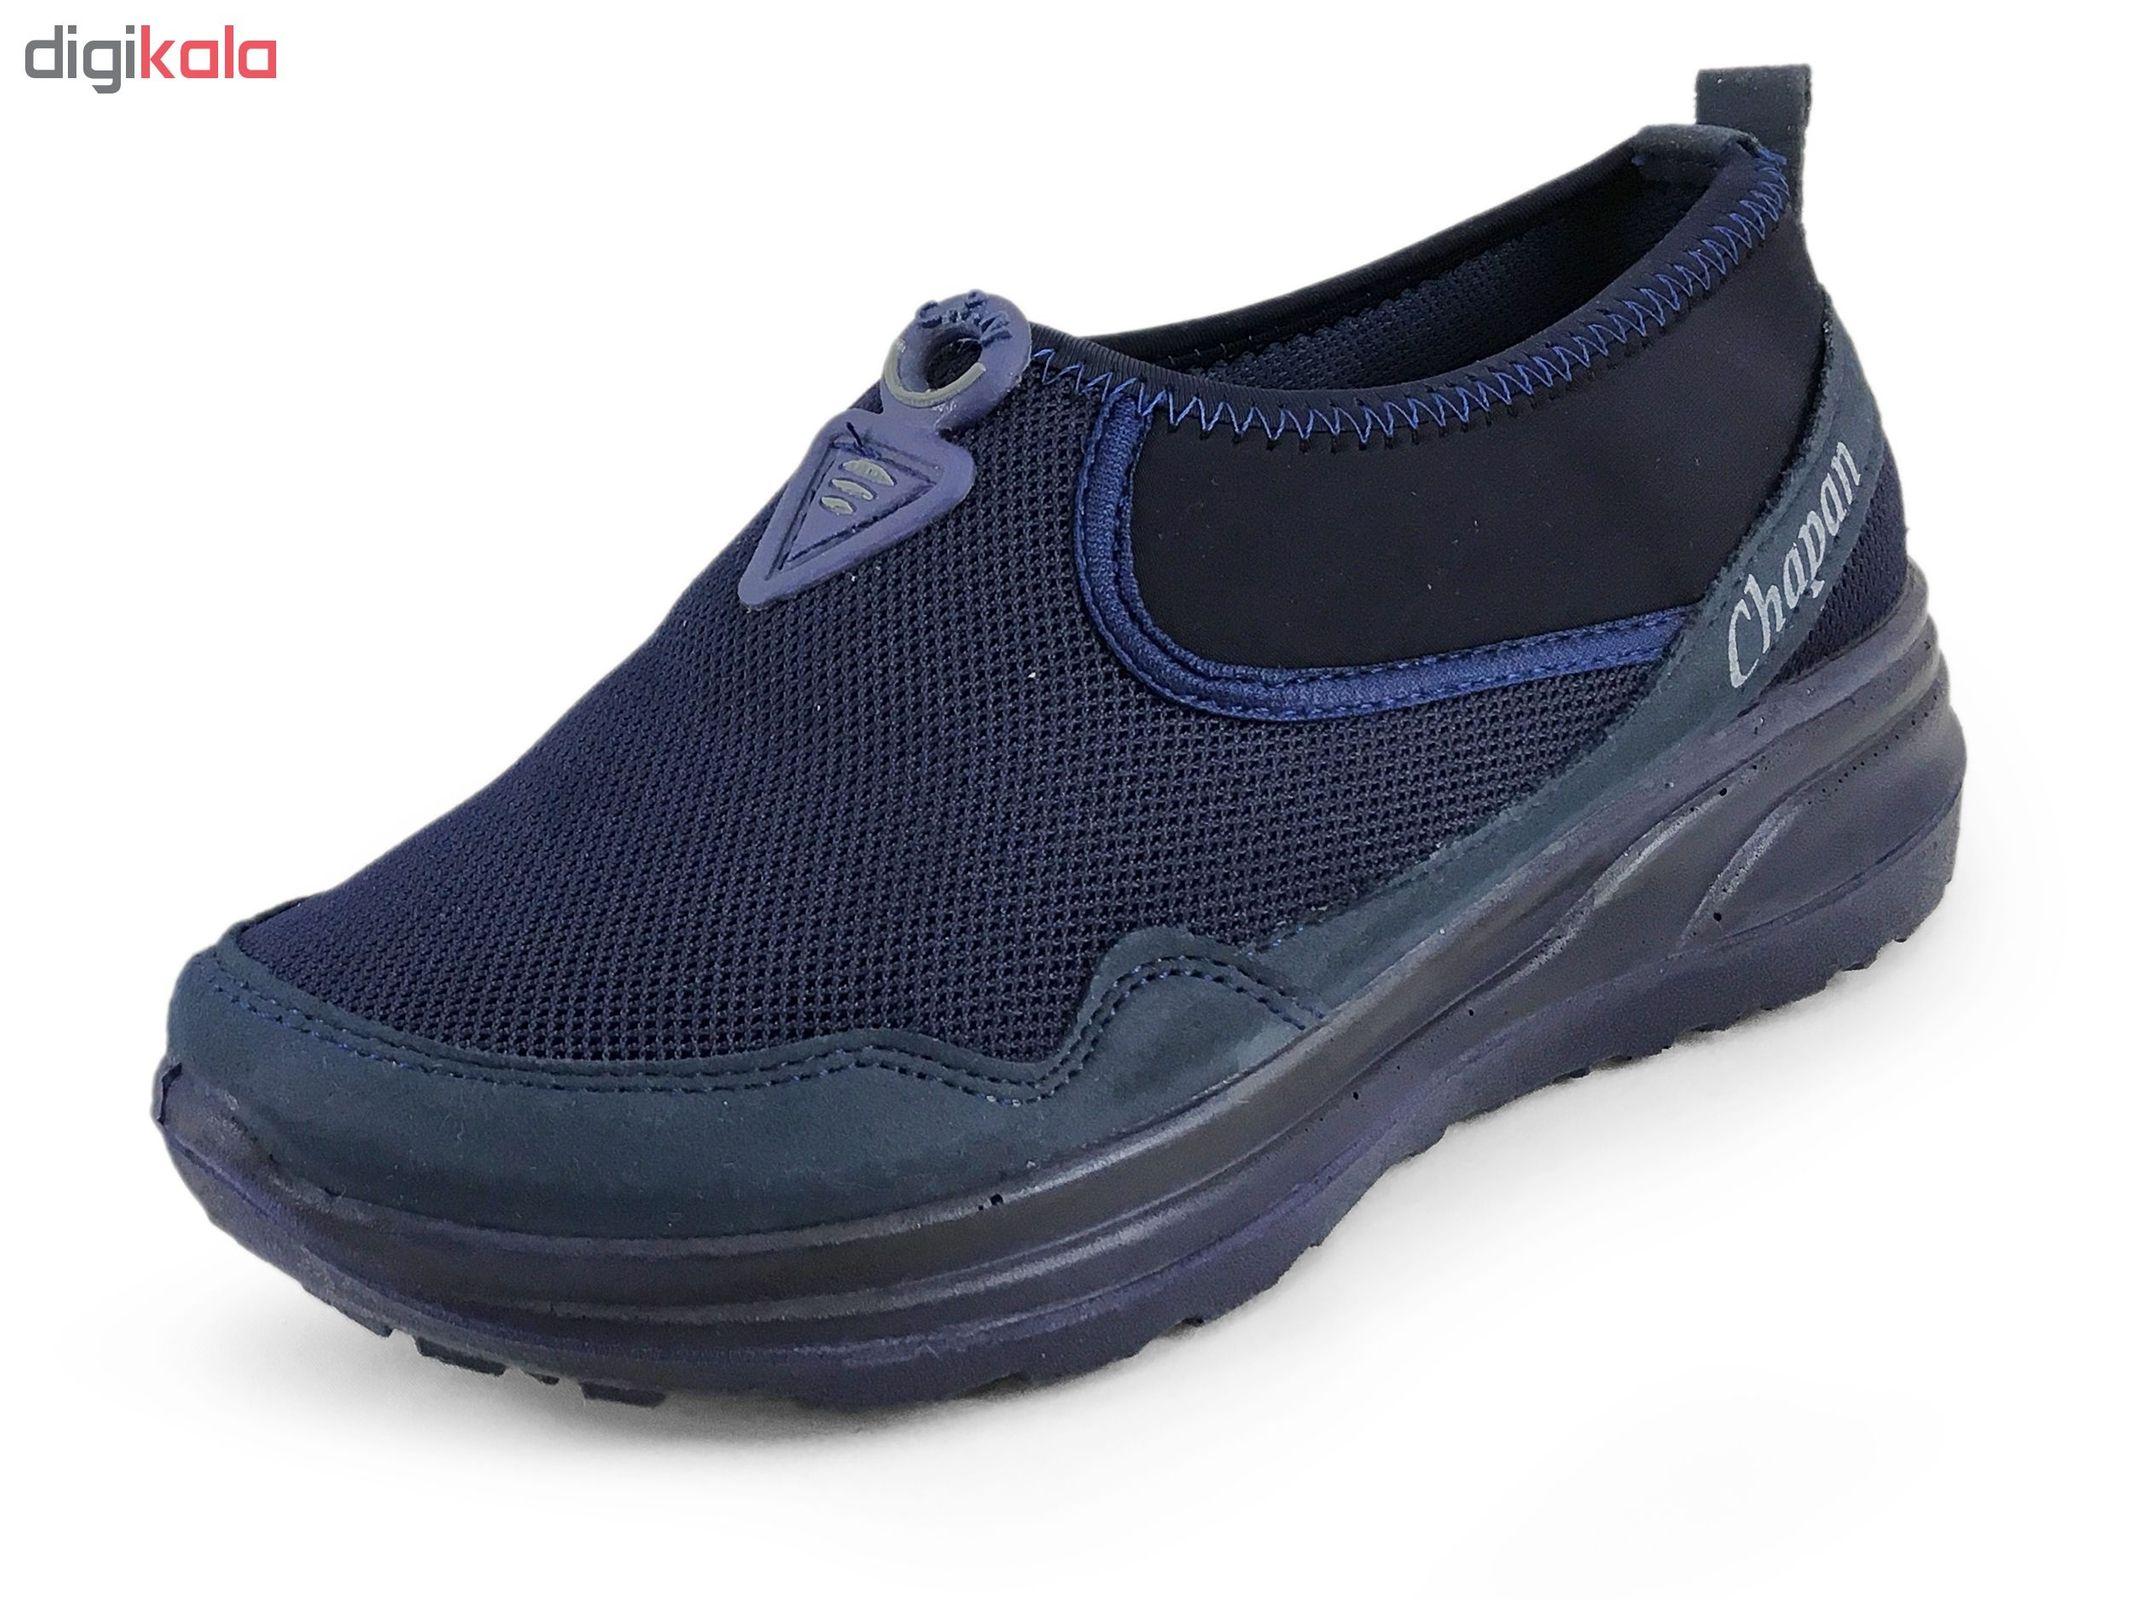 کفش مخصوص پیاده روی زنانه چپان کد 4027 main 1 3